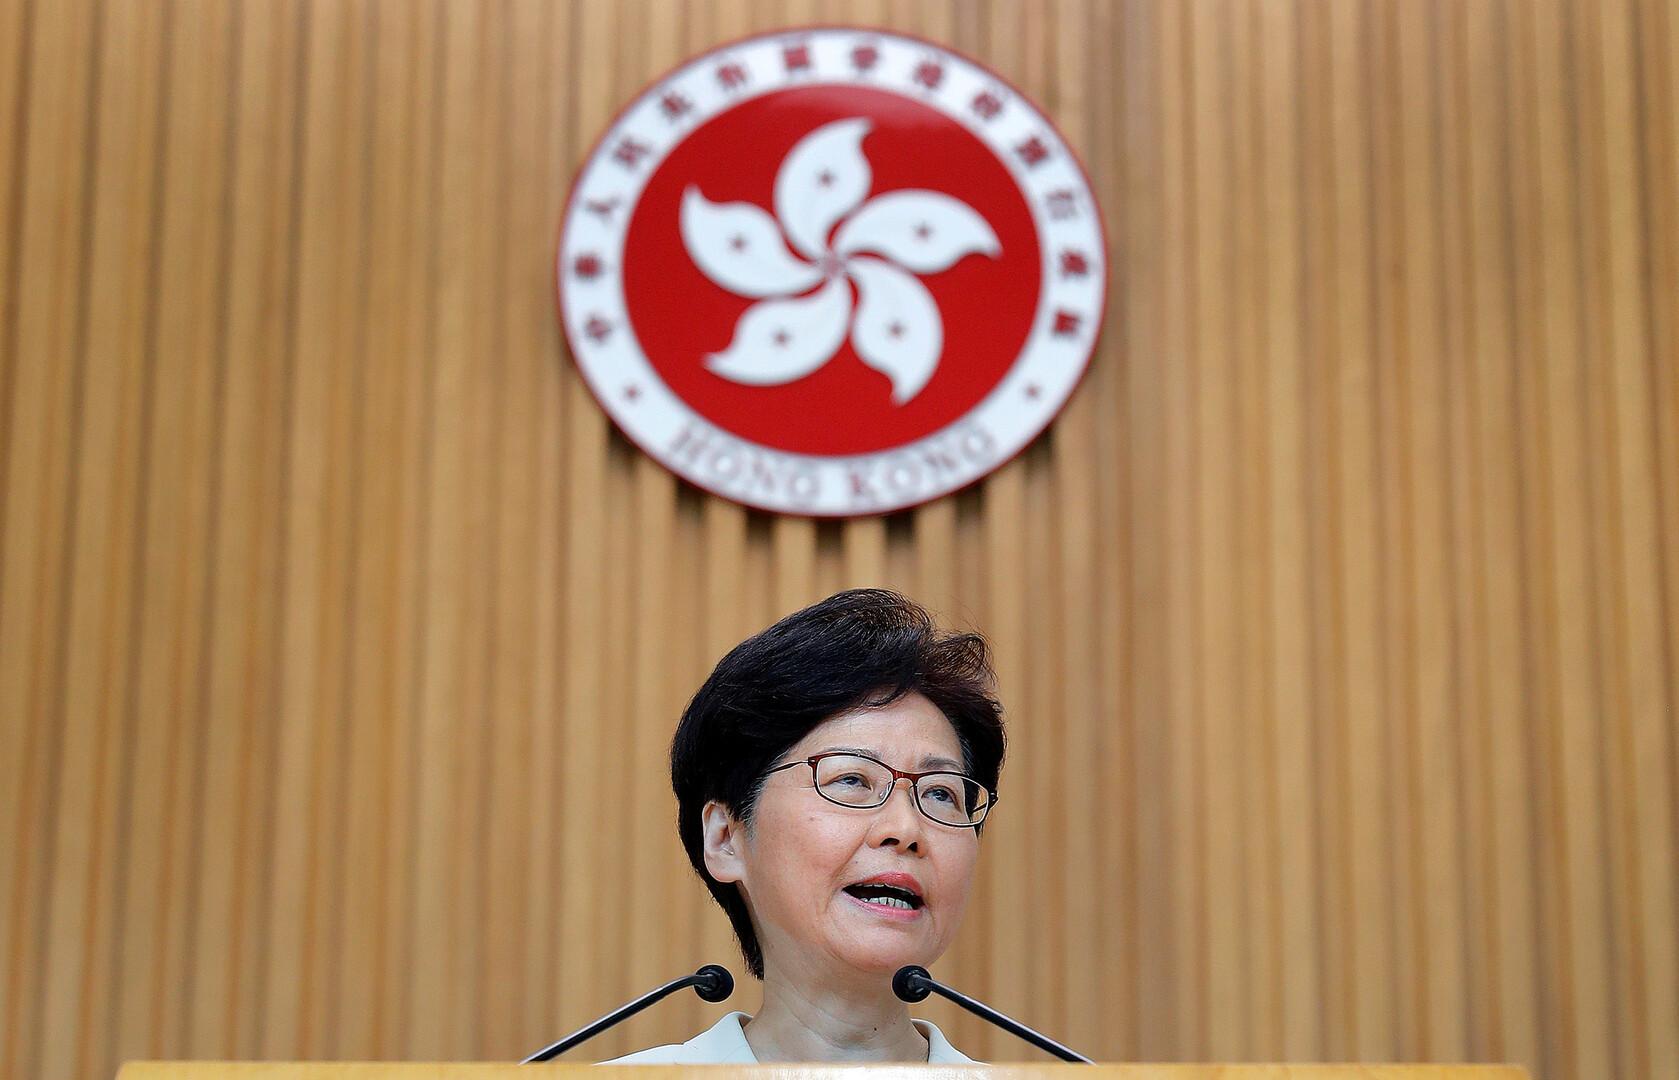 زعيمة هونغ كونغ تسحب مشروع القانون الذي أثار الاحتجاجات في بلادها